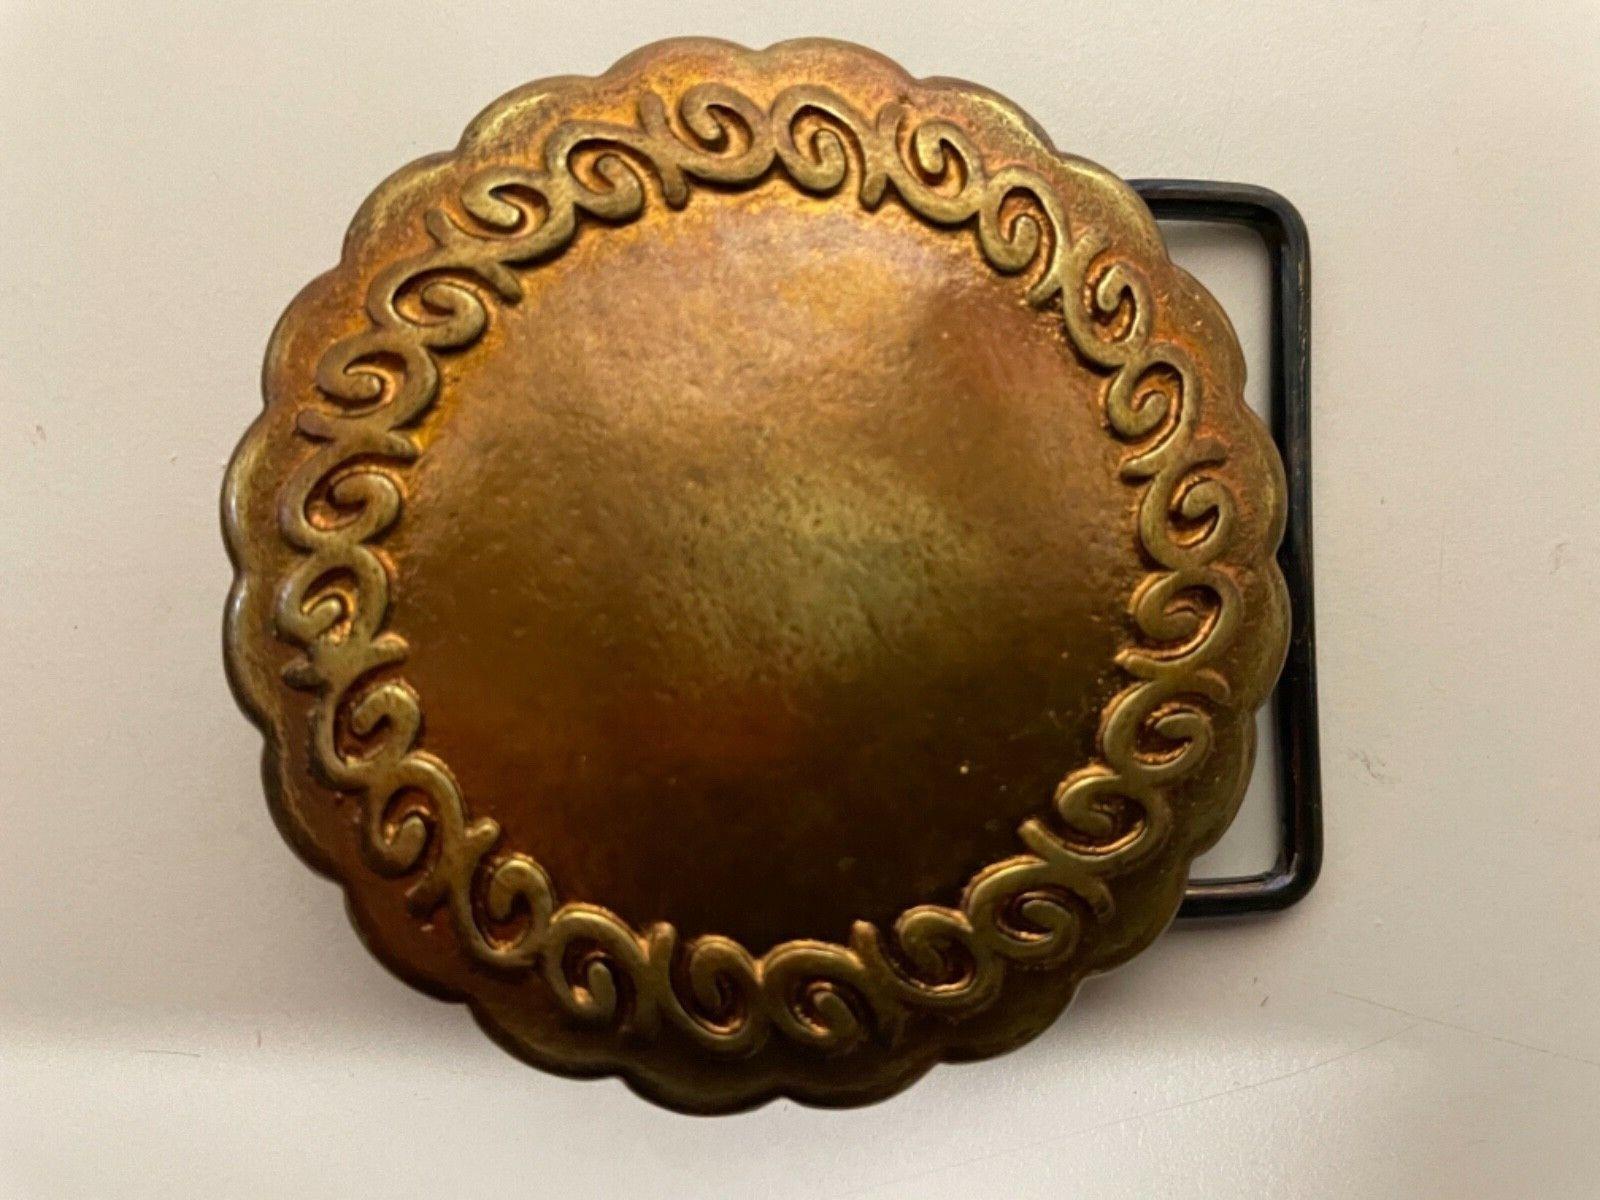 Vintage,Tribal,Ethnic,Viking,Celtic,Medieval belt buckle .2-Tone brass plaiting.